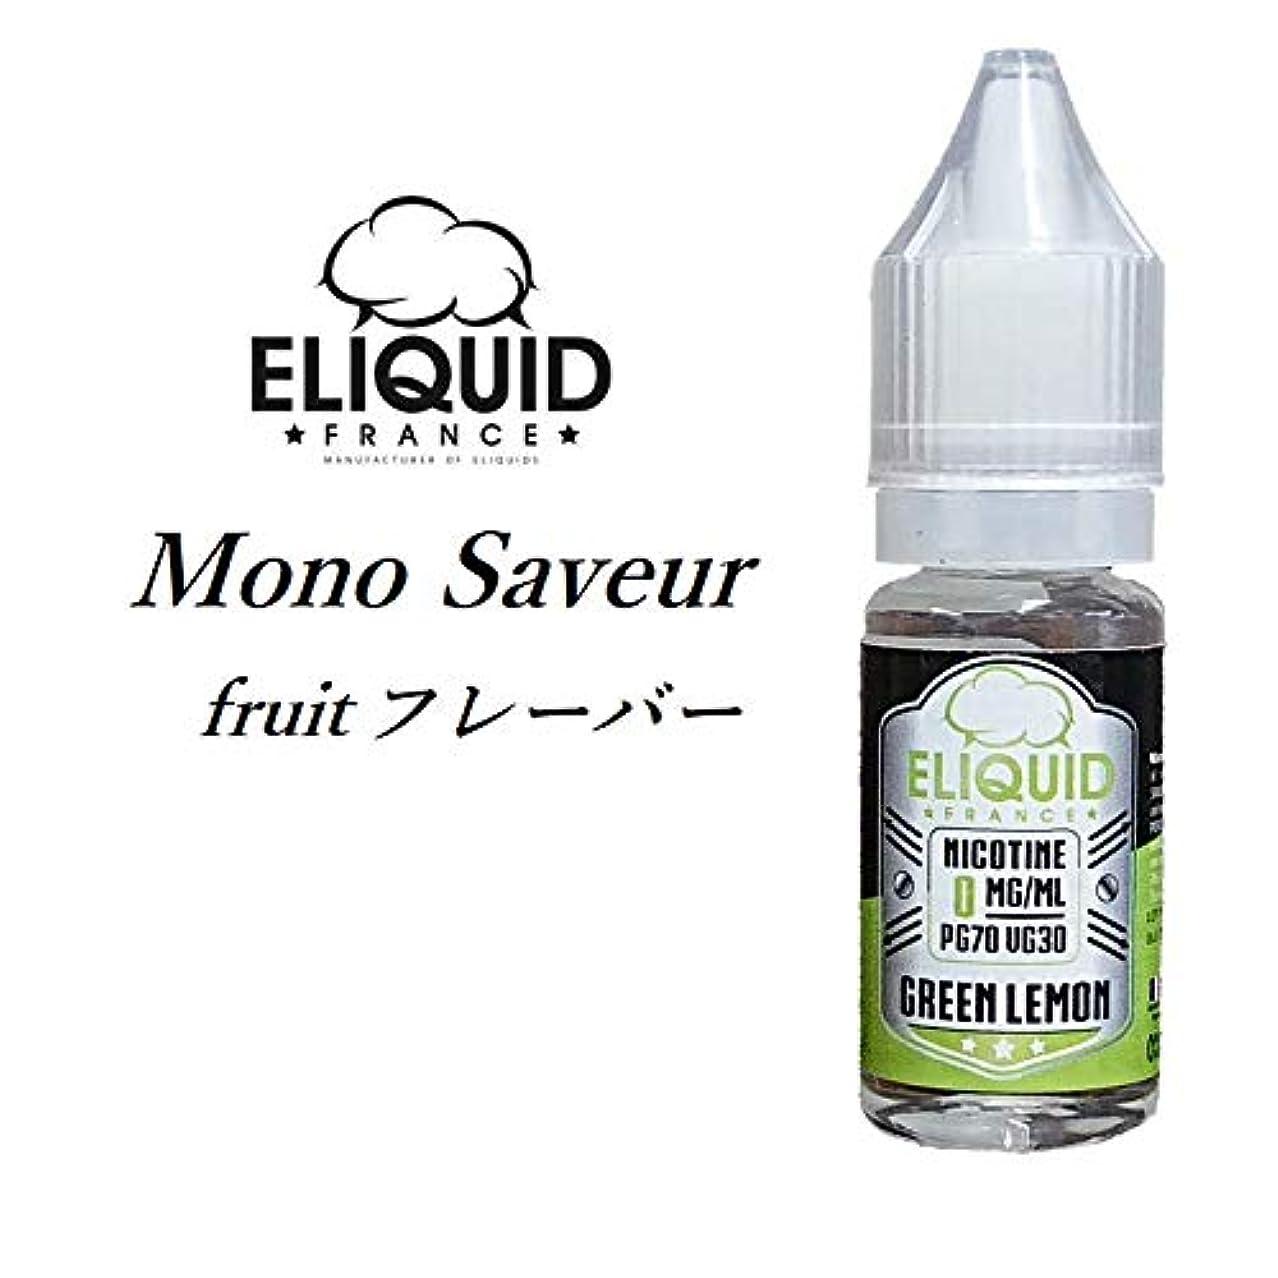 留め金バンケット変換するEliquid France Mono-saveur フルーツ系リキッド (STRAWBERRY いちご, 10ml)